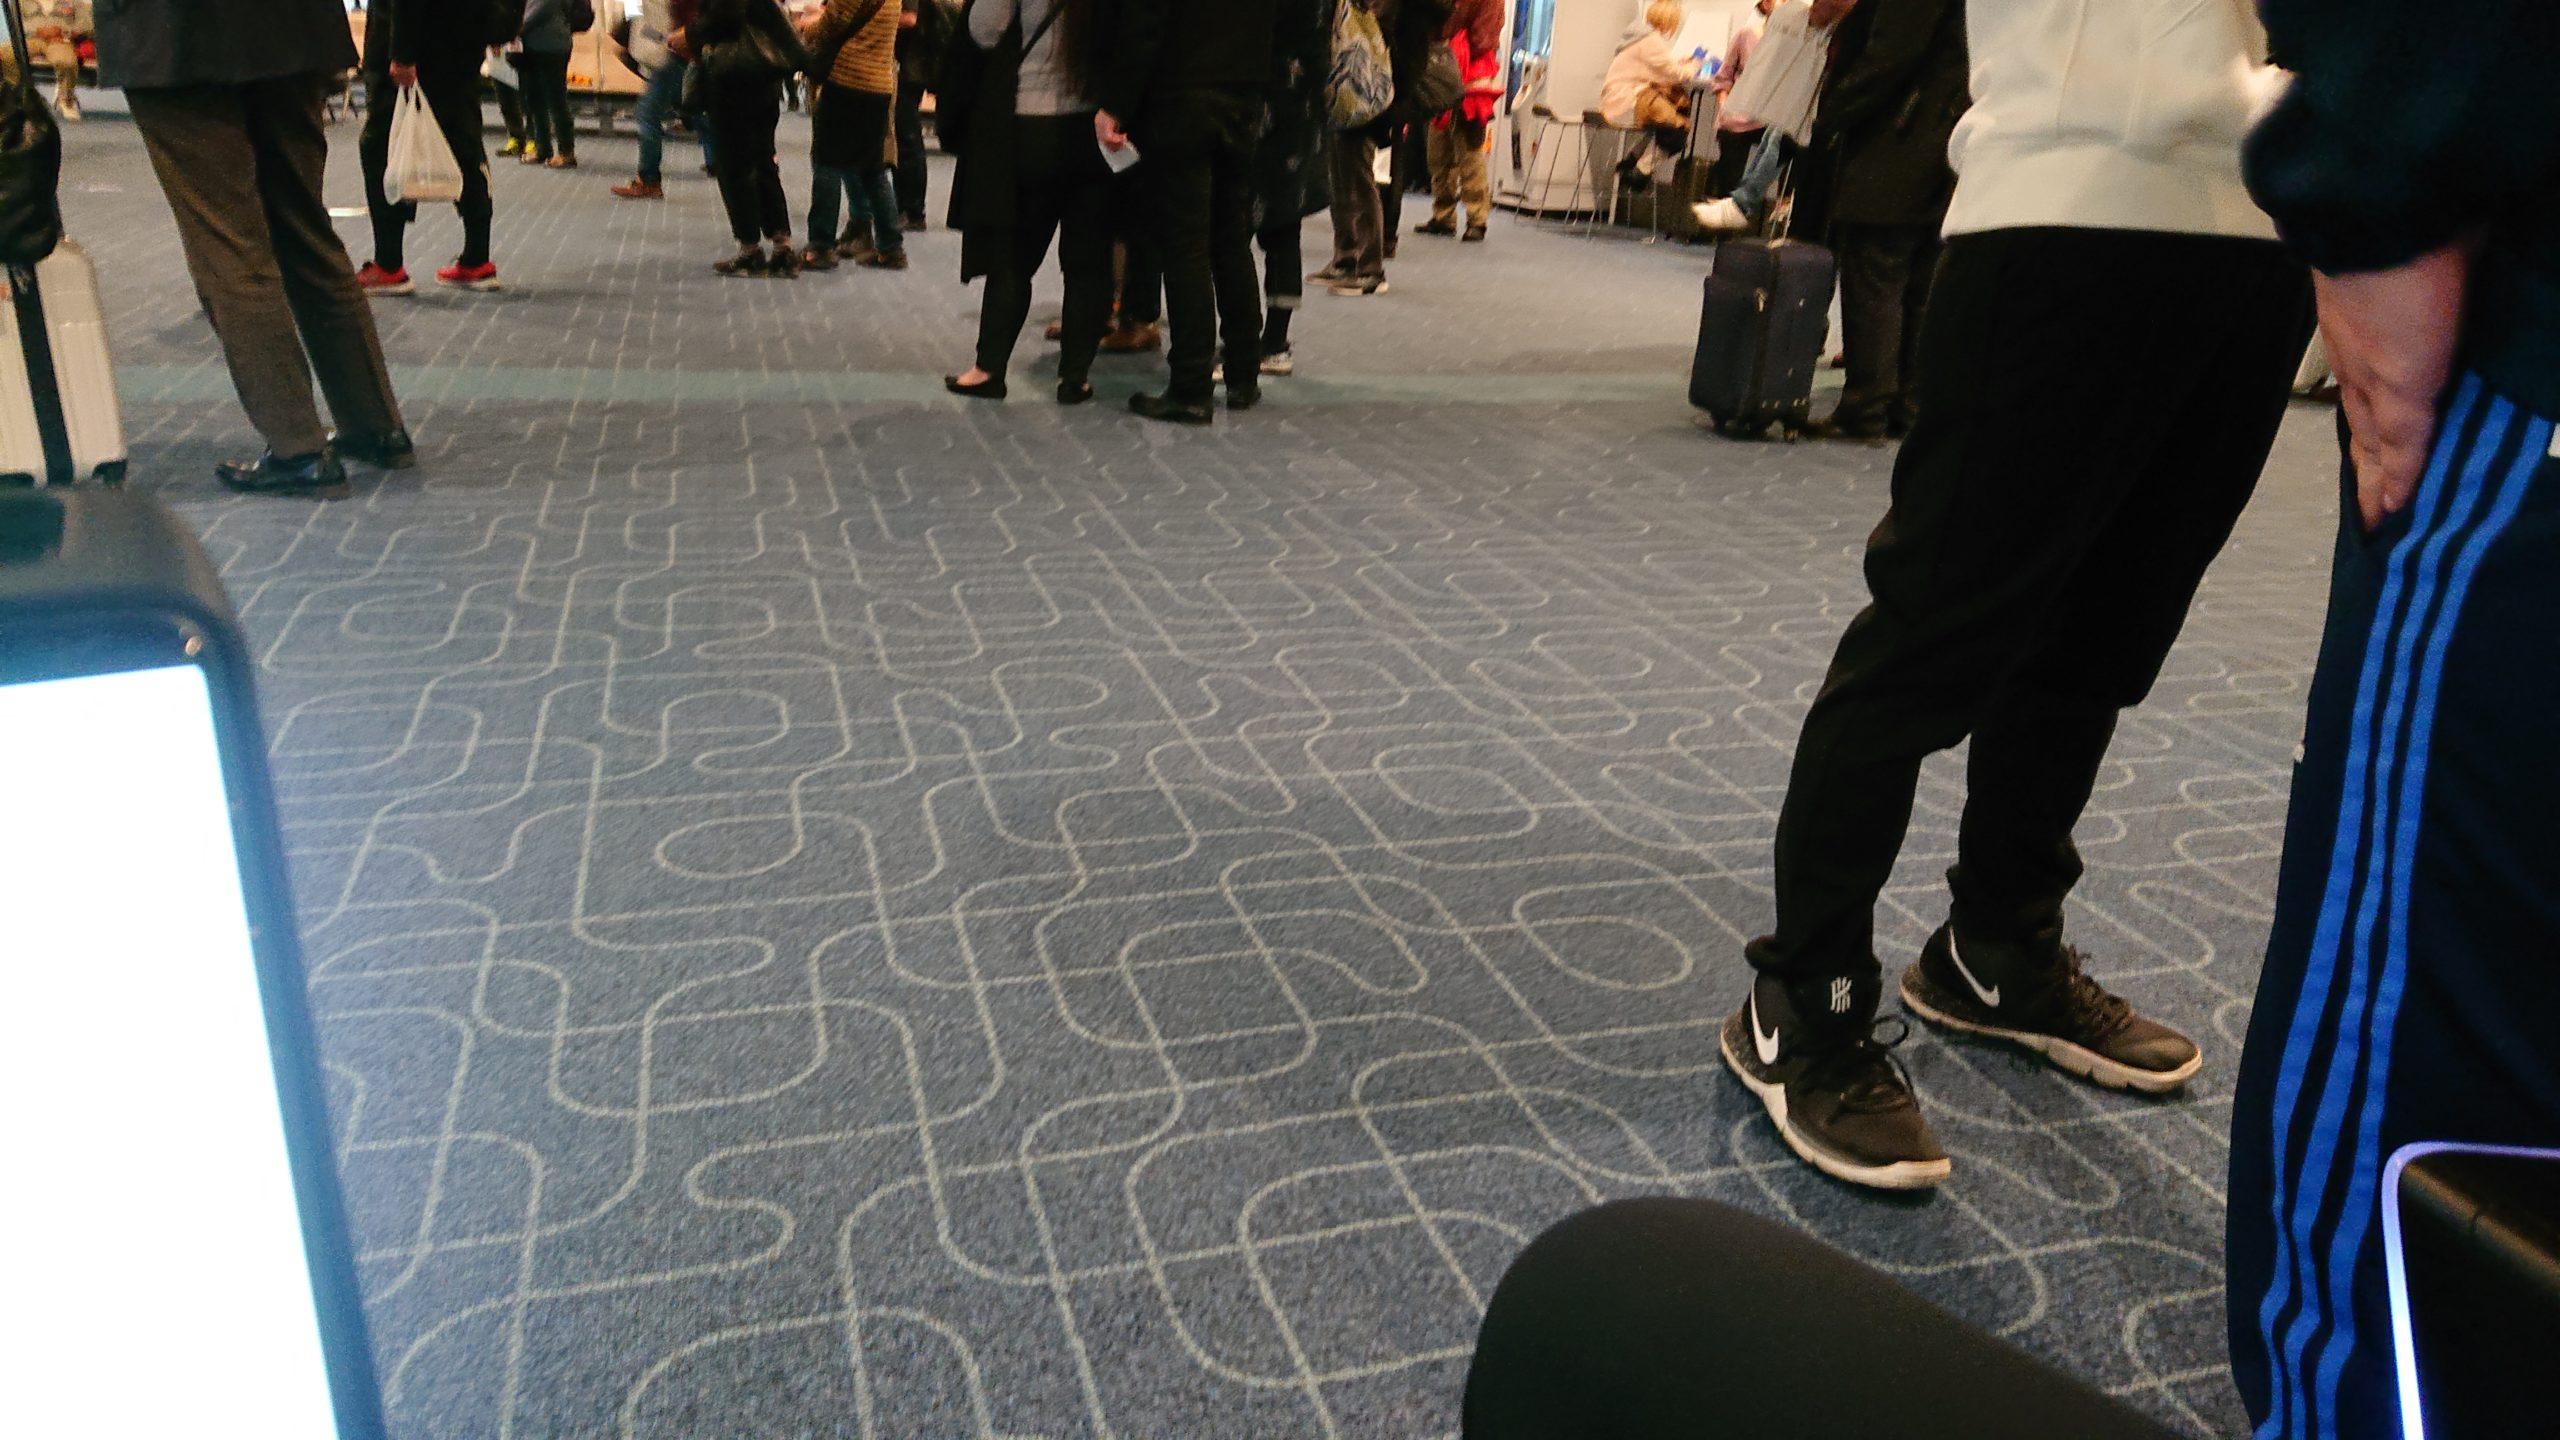 羽田空港第1ターミナル内の自動運転パーソナルモビリティで3ゲートに着いたところ